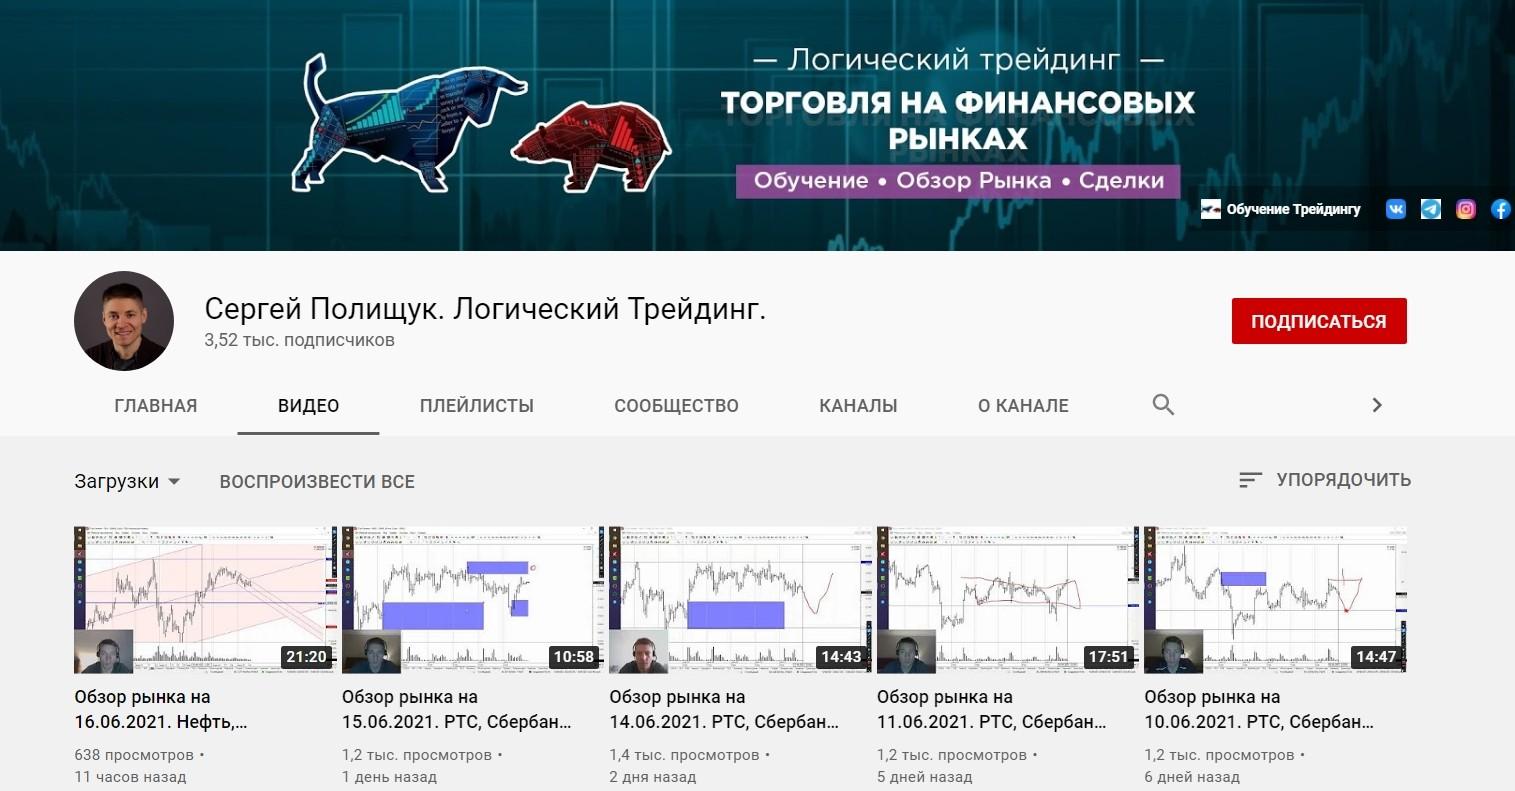 Ютуб канал Сергея Полищука